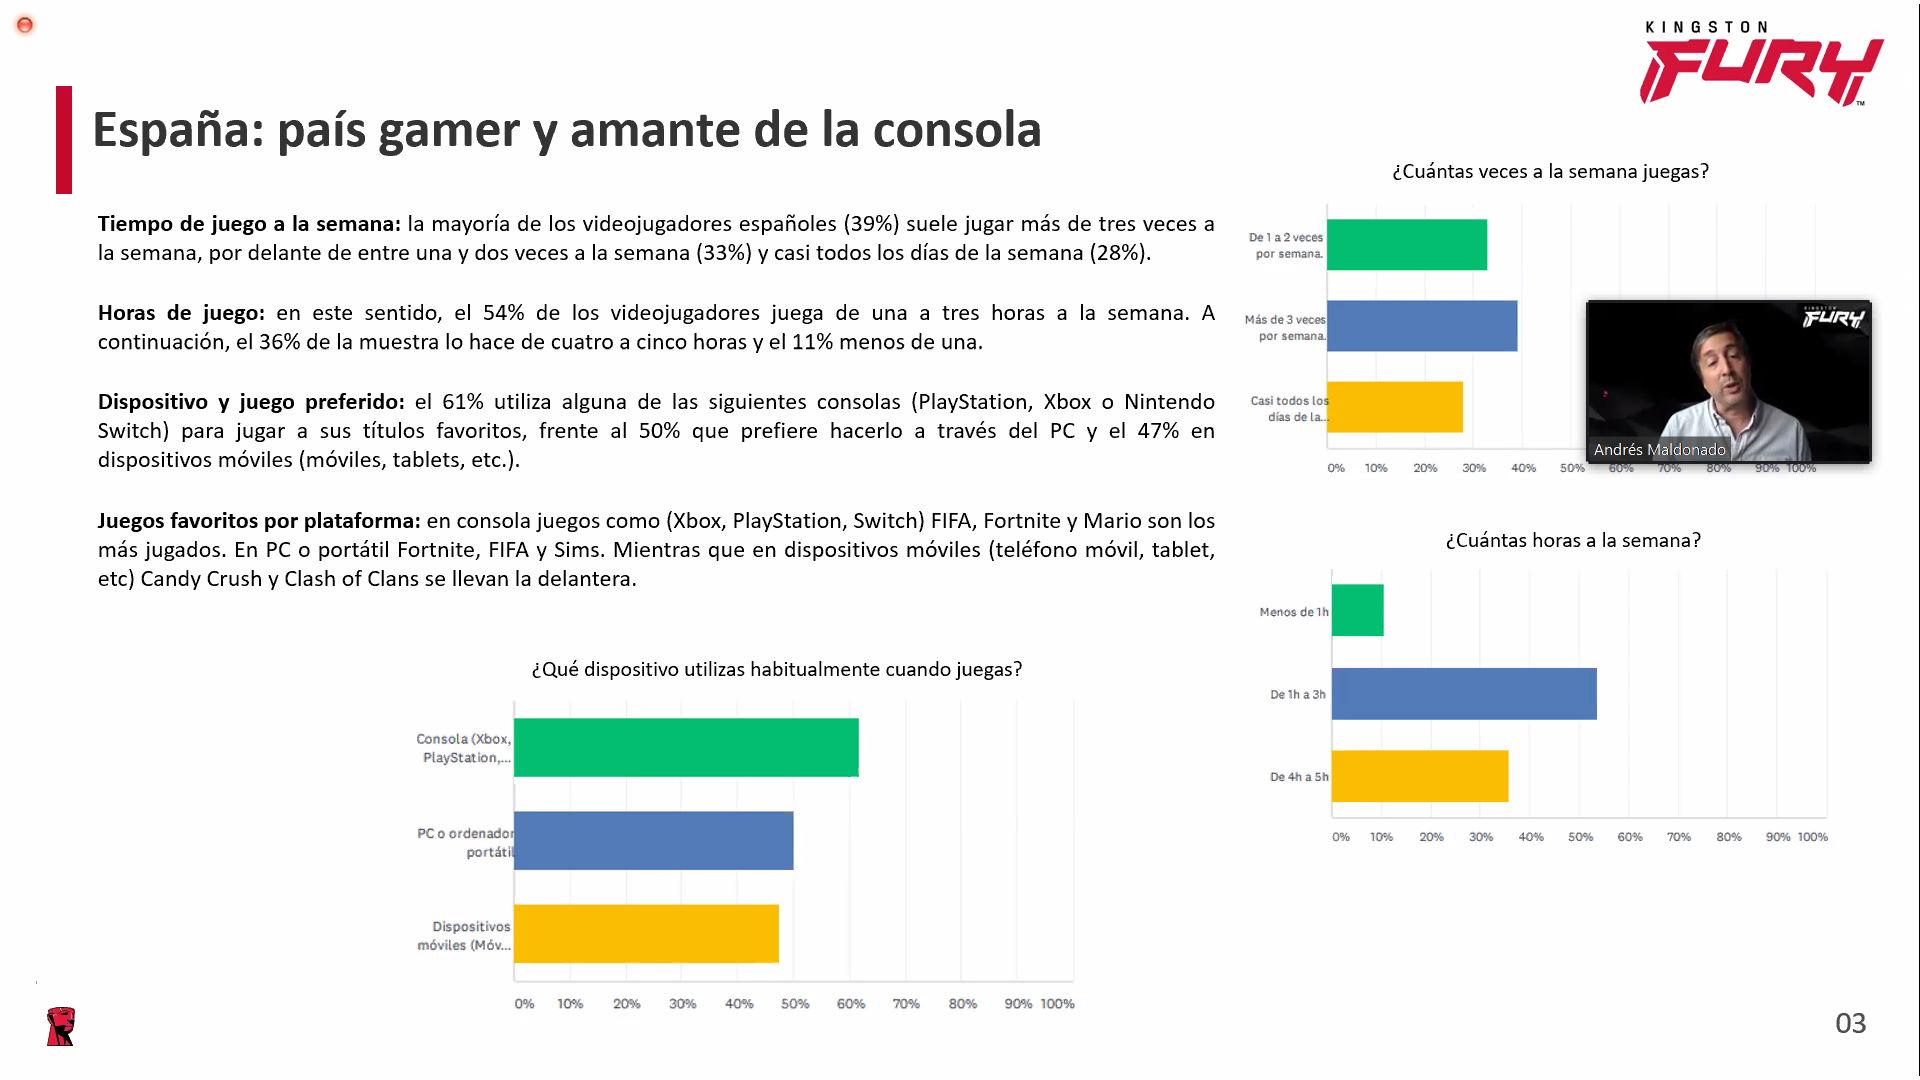 Evento Kingston Fury: nueva generación de memorias y el panorama del gaming en España 30